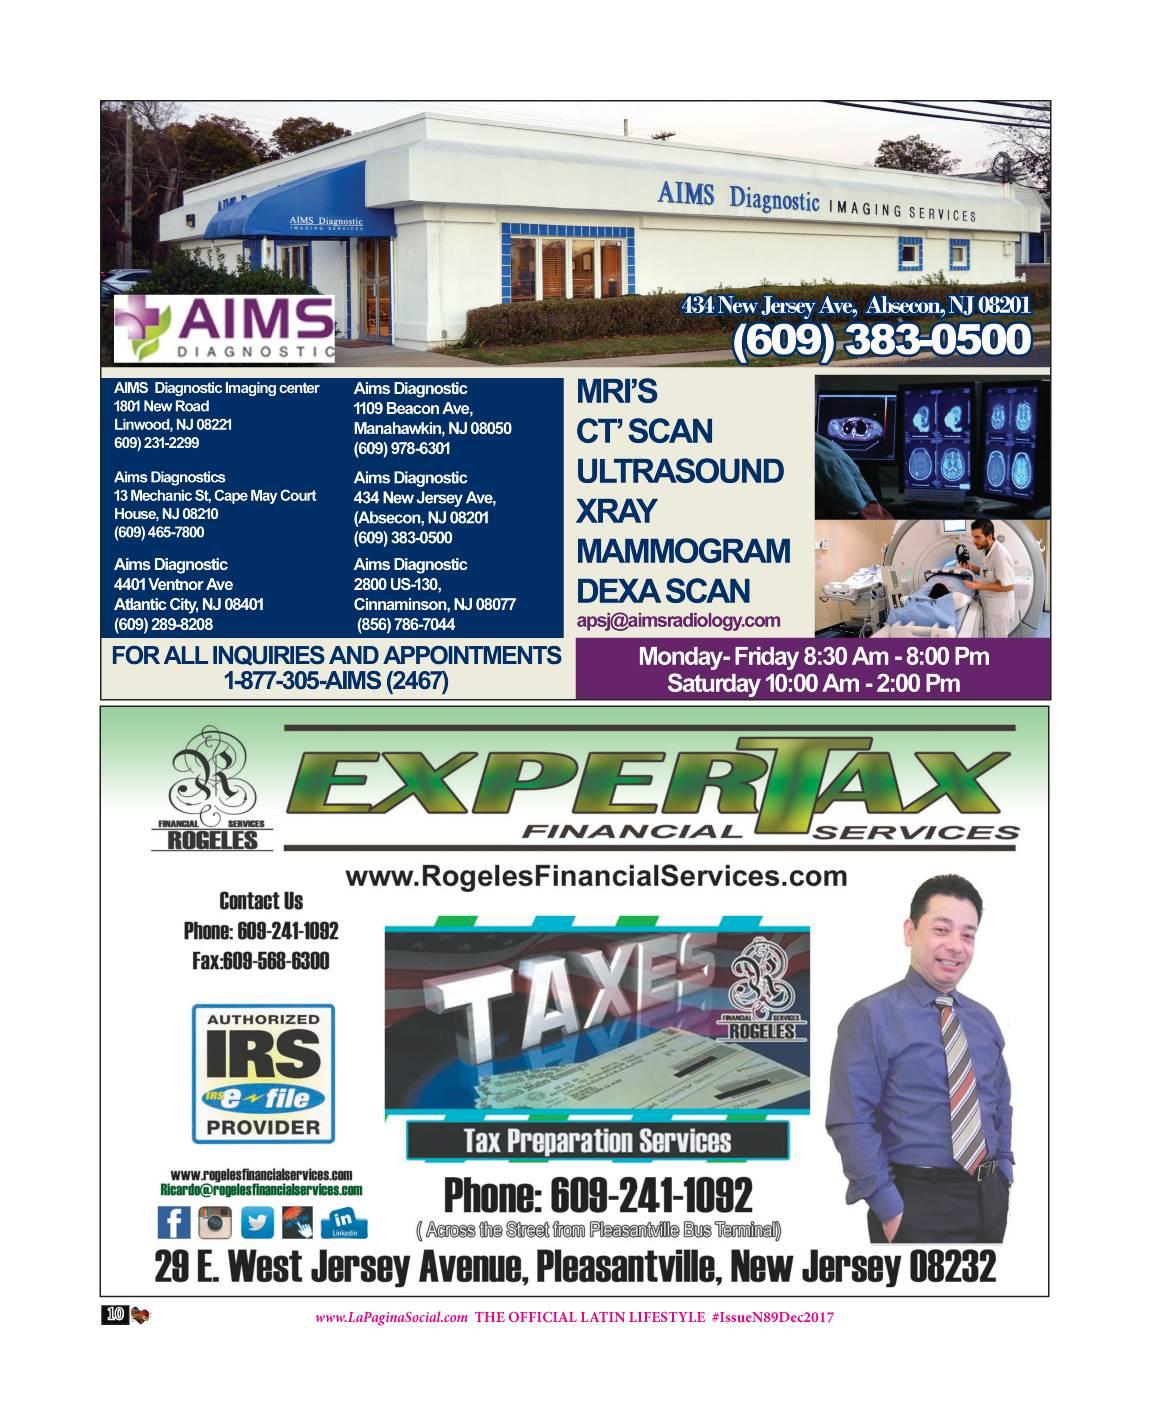 AIMS DIAGNOSTIC / EXPERT TAX